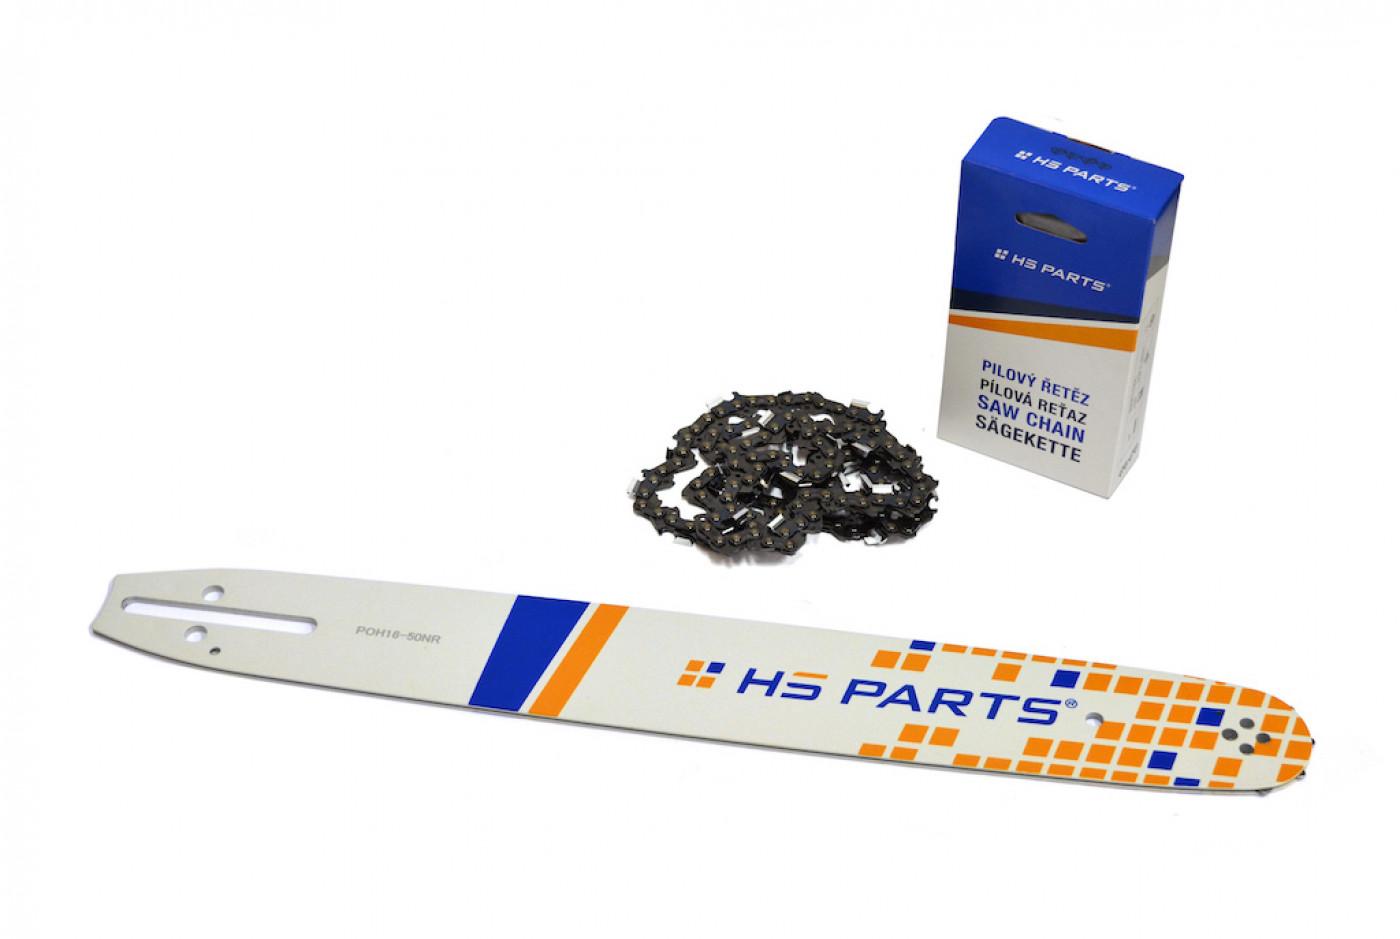 Lišta 40cm + 2x reťaz 56 čl. 3/8 1,3mm + Ozubenie Partner 350 351 370 390 420